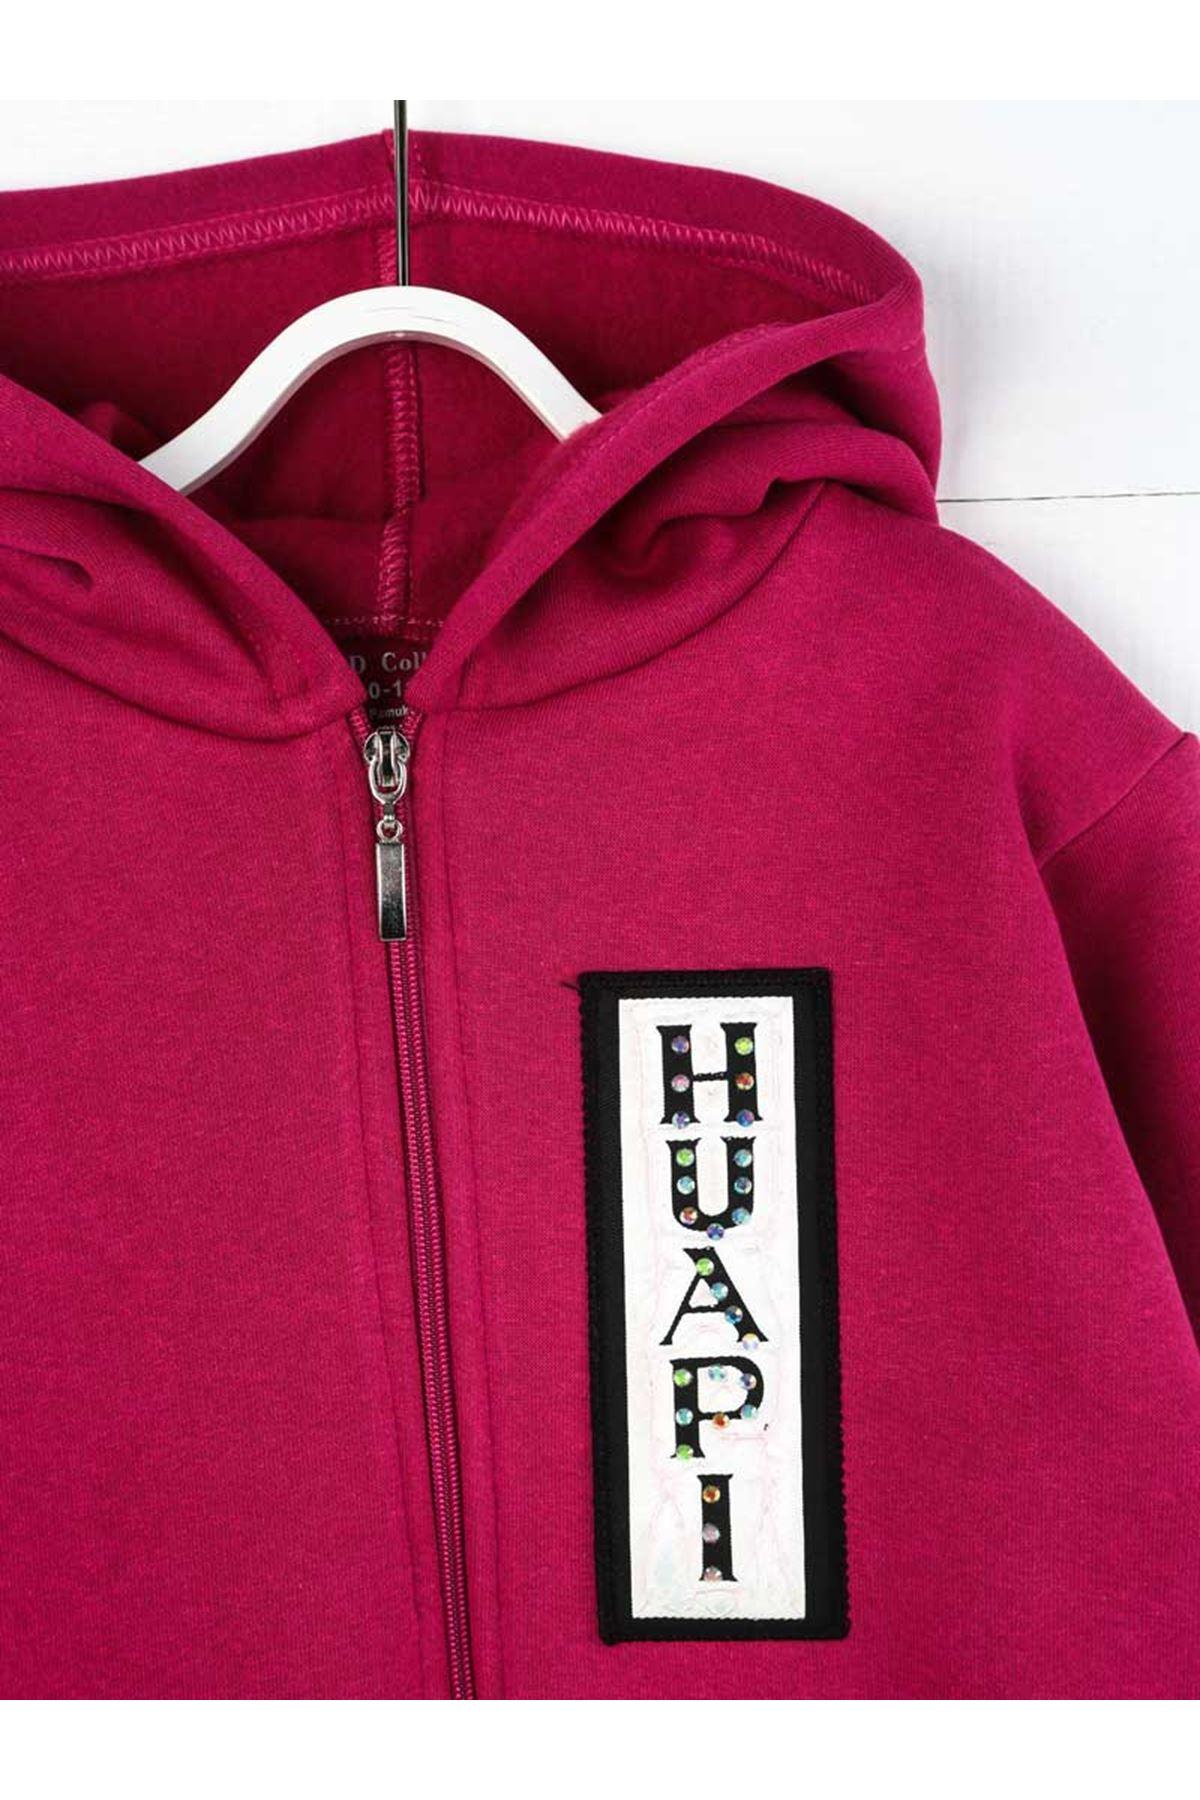 Mor Kışlık Kapüşonlu  Kız Çocuk Sweatshirt